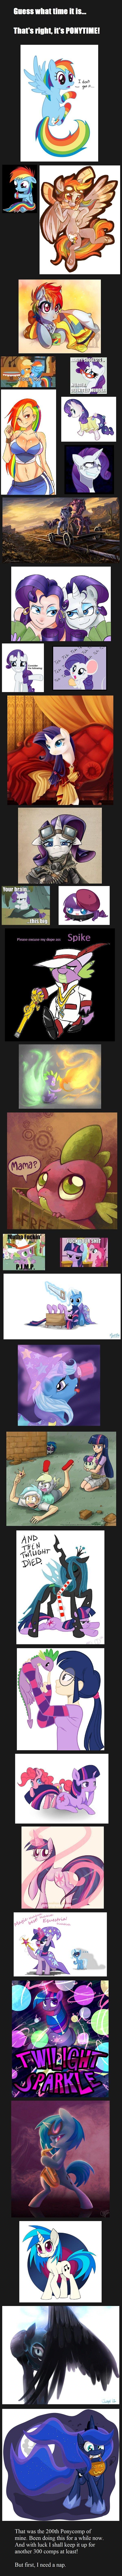 Ponycomp 200. Ponycomp 199: www.funnyjunk.com/channel/ponytime/Ponycomp+199/aXmhGnK/ DOWNLOAD LINK: docs.google.com/folder/d/0B4SOCzXHPRDVODdnWUpWZEJ0Zmc/edit.. Sleep, you deserve it.